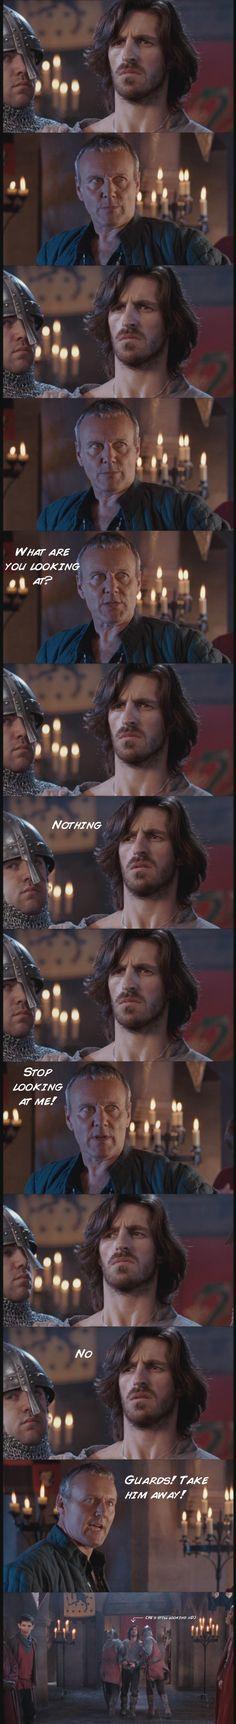 Merlin.